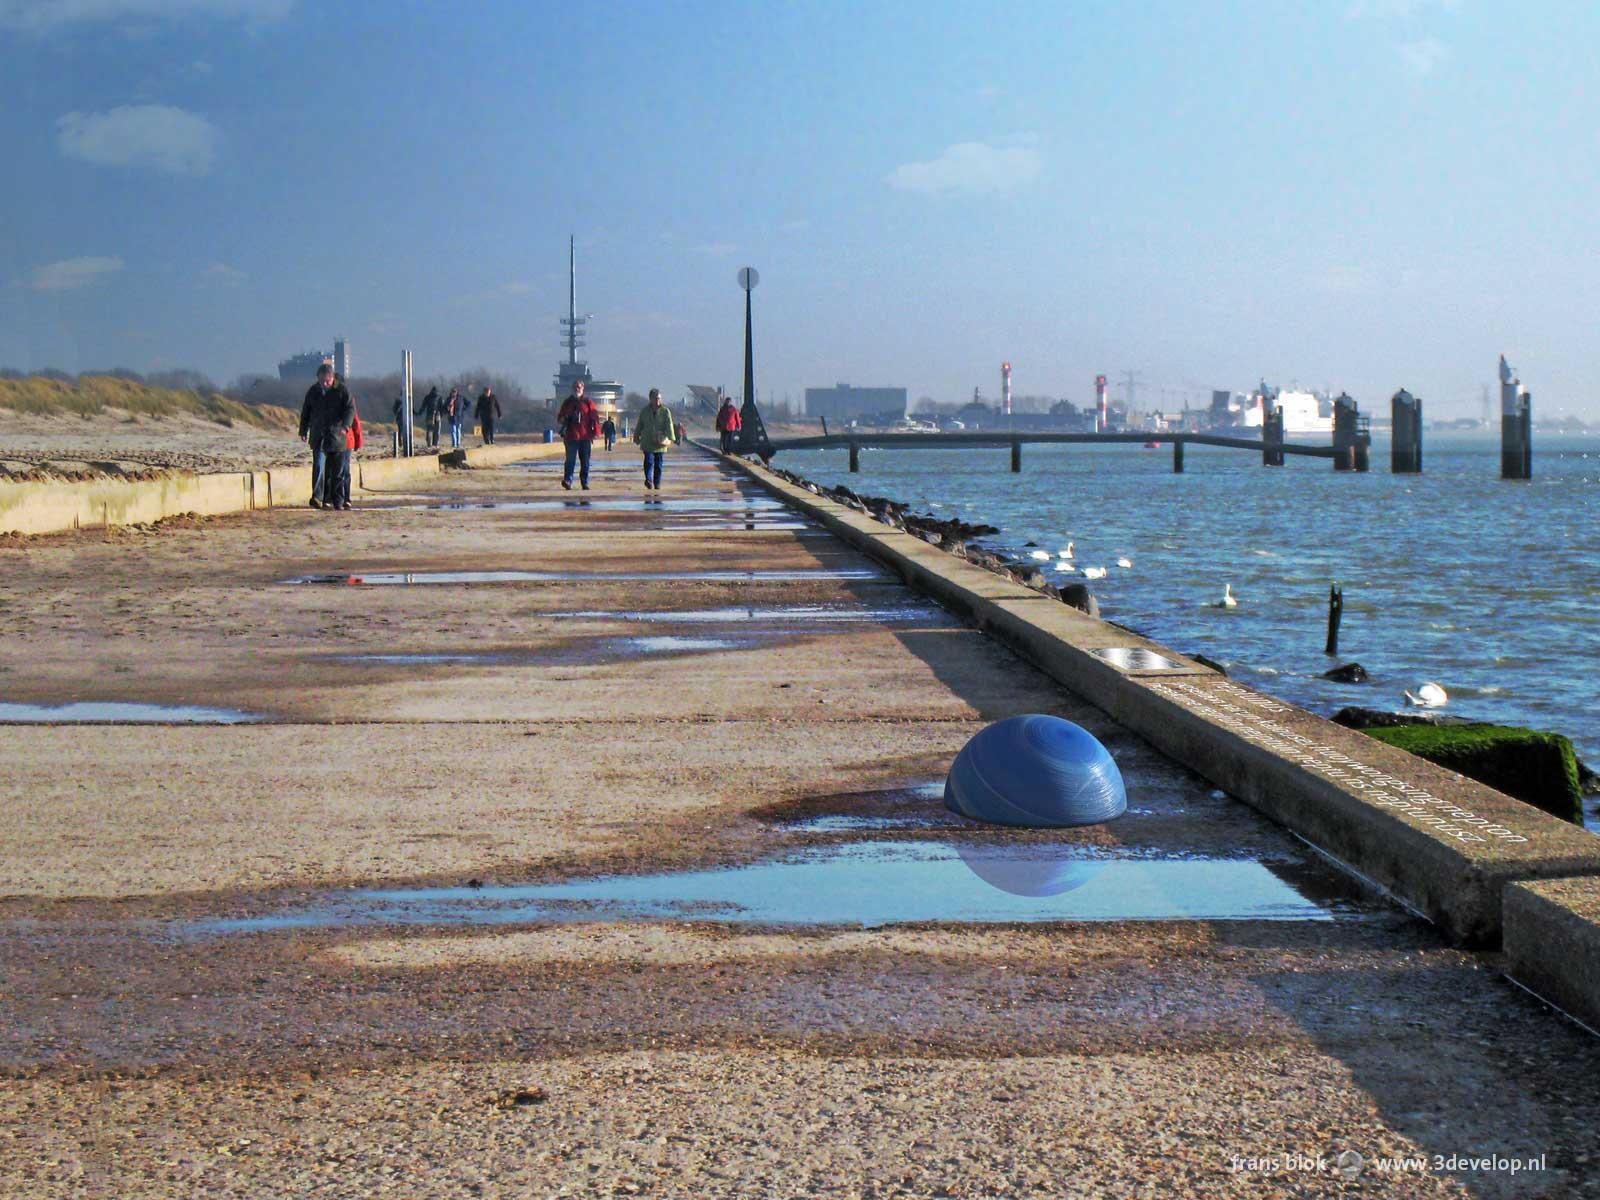 De planeet Neptunus, onderdeel van het Straatplanetarium Rotterdam, op de Pier in Hoek van Holland